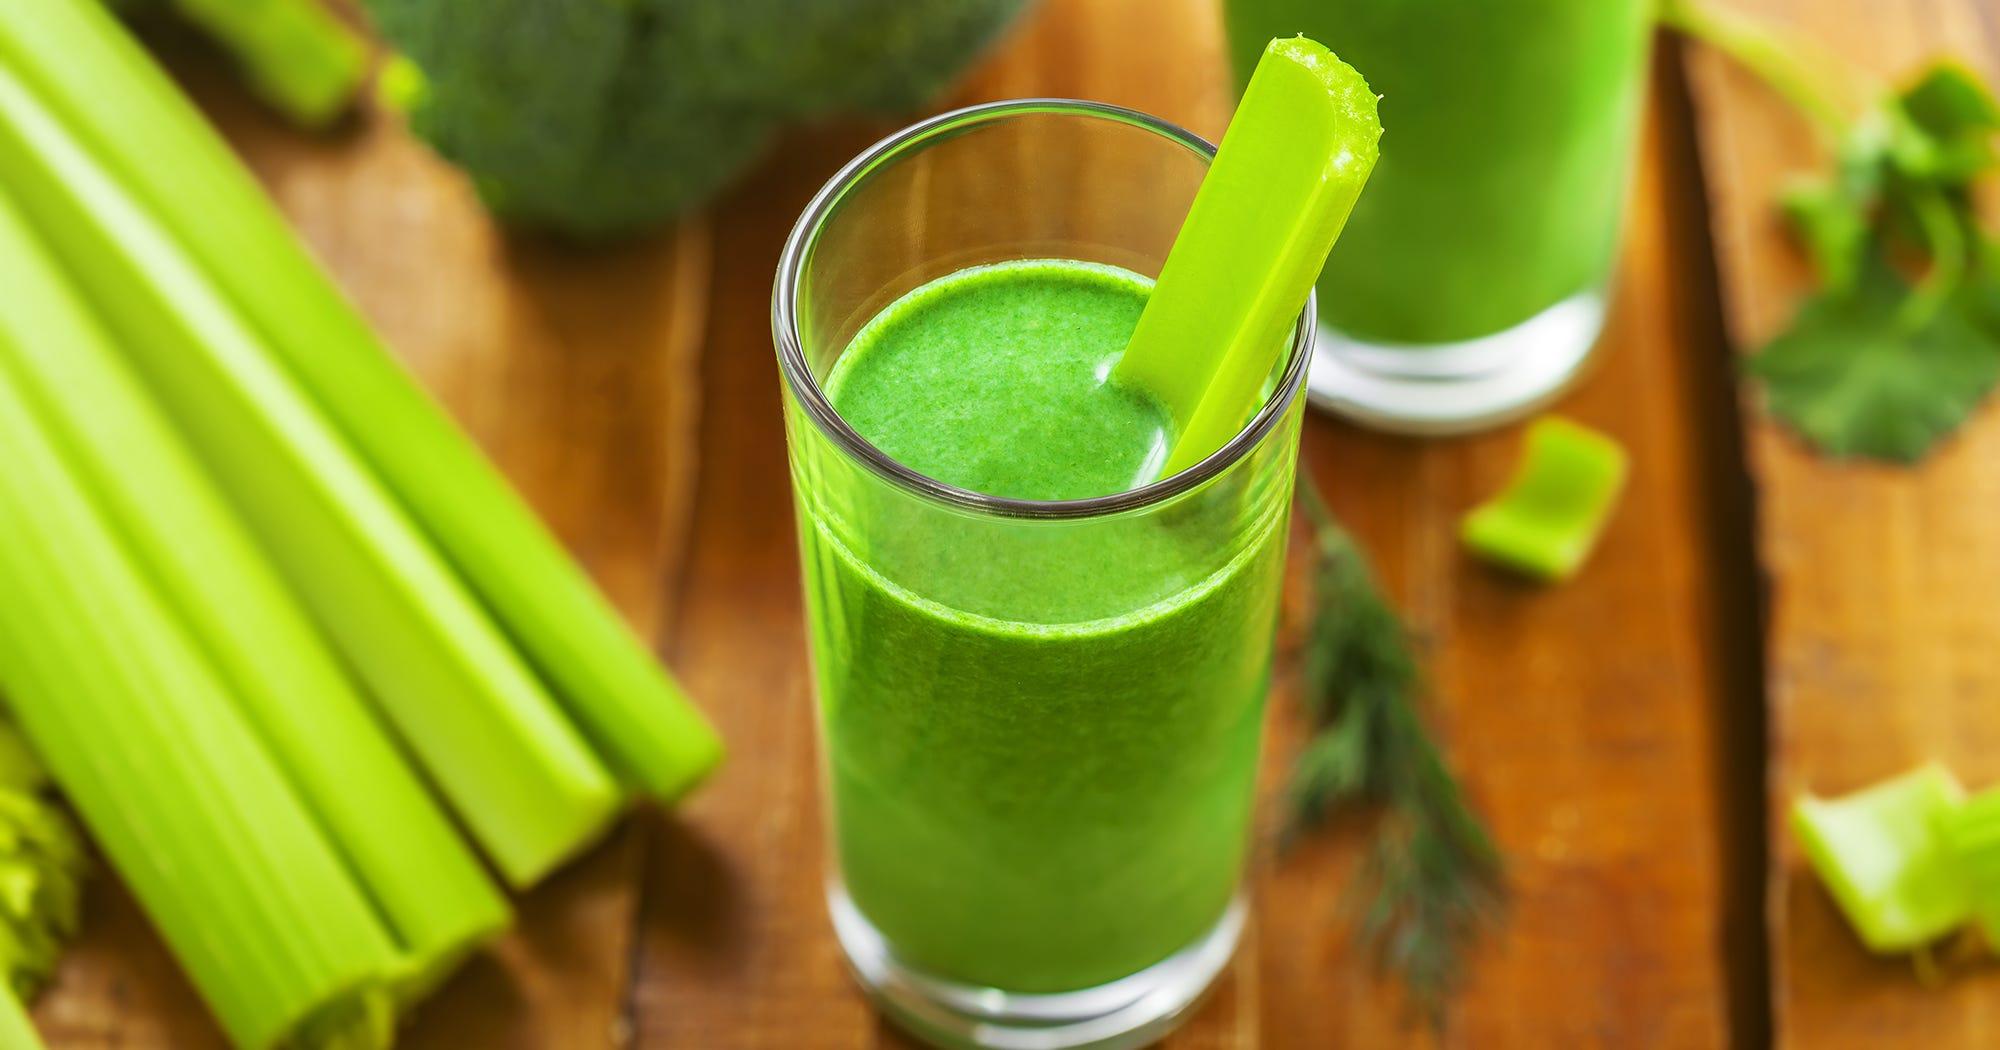 Celery Juice Benefits Of The Trendy Health Drink